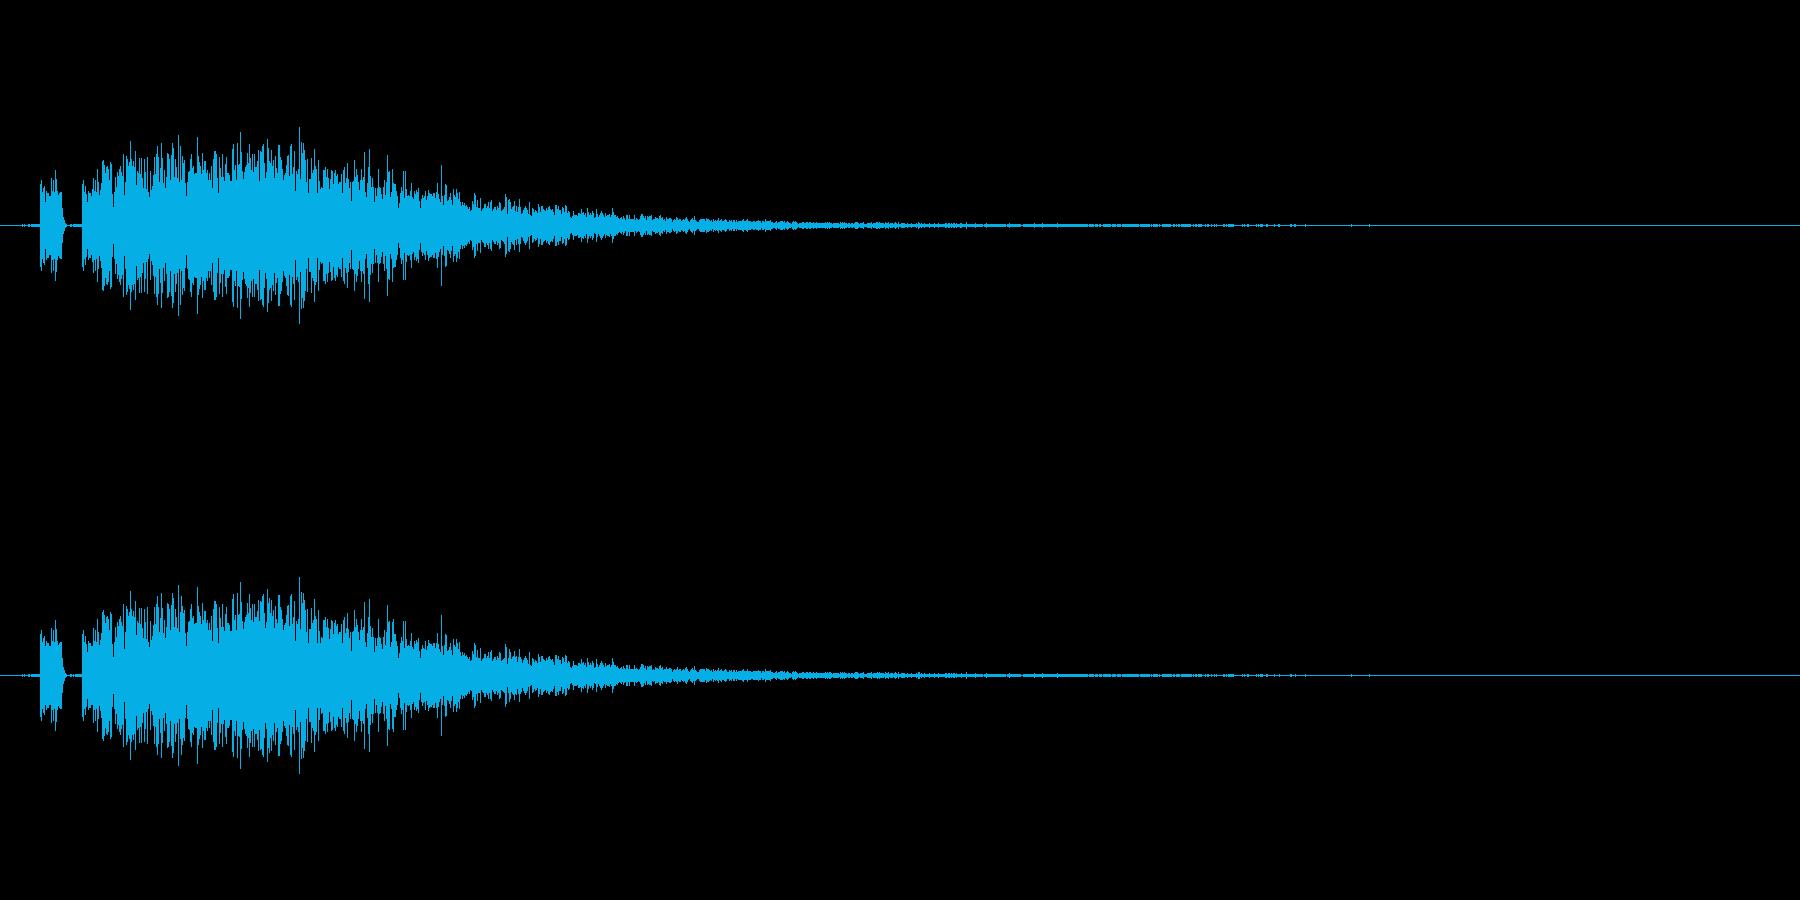 攻撃音。斬撃。「ズシャー」。の再生済みの波形